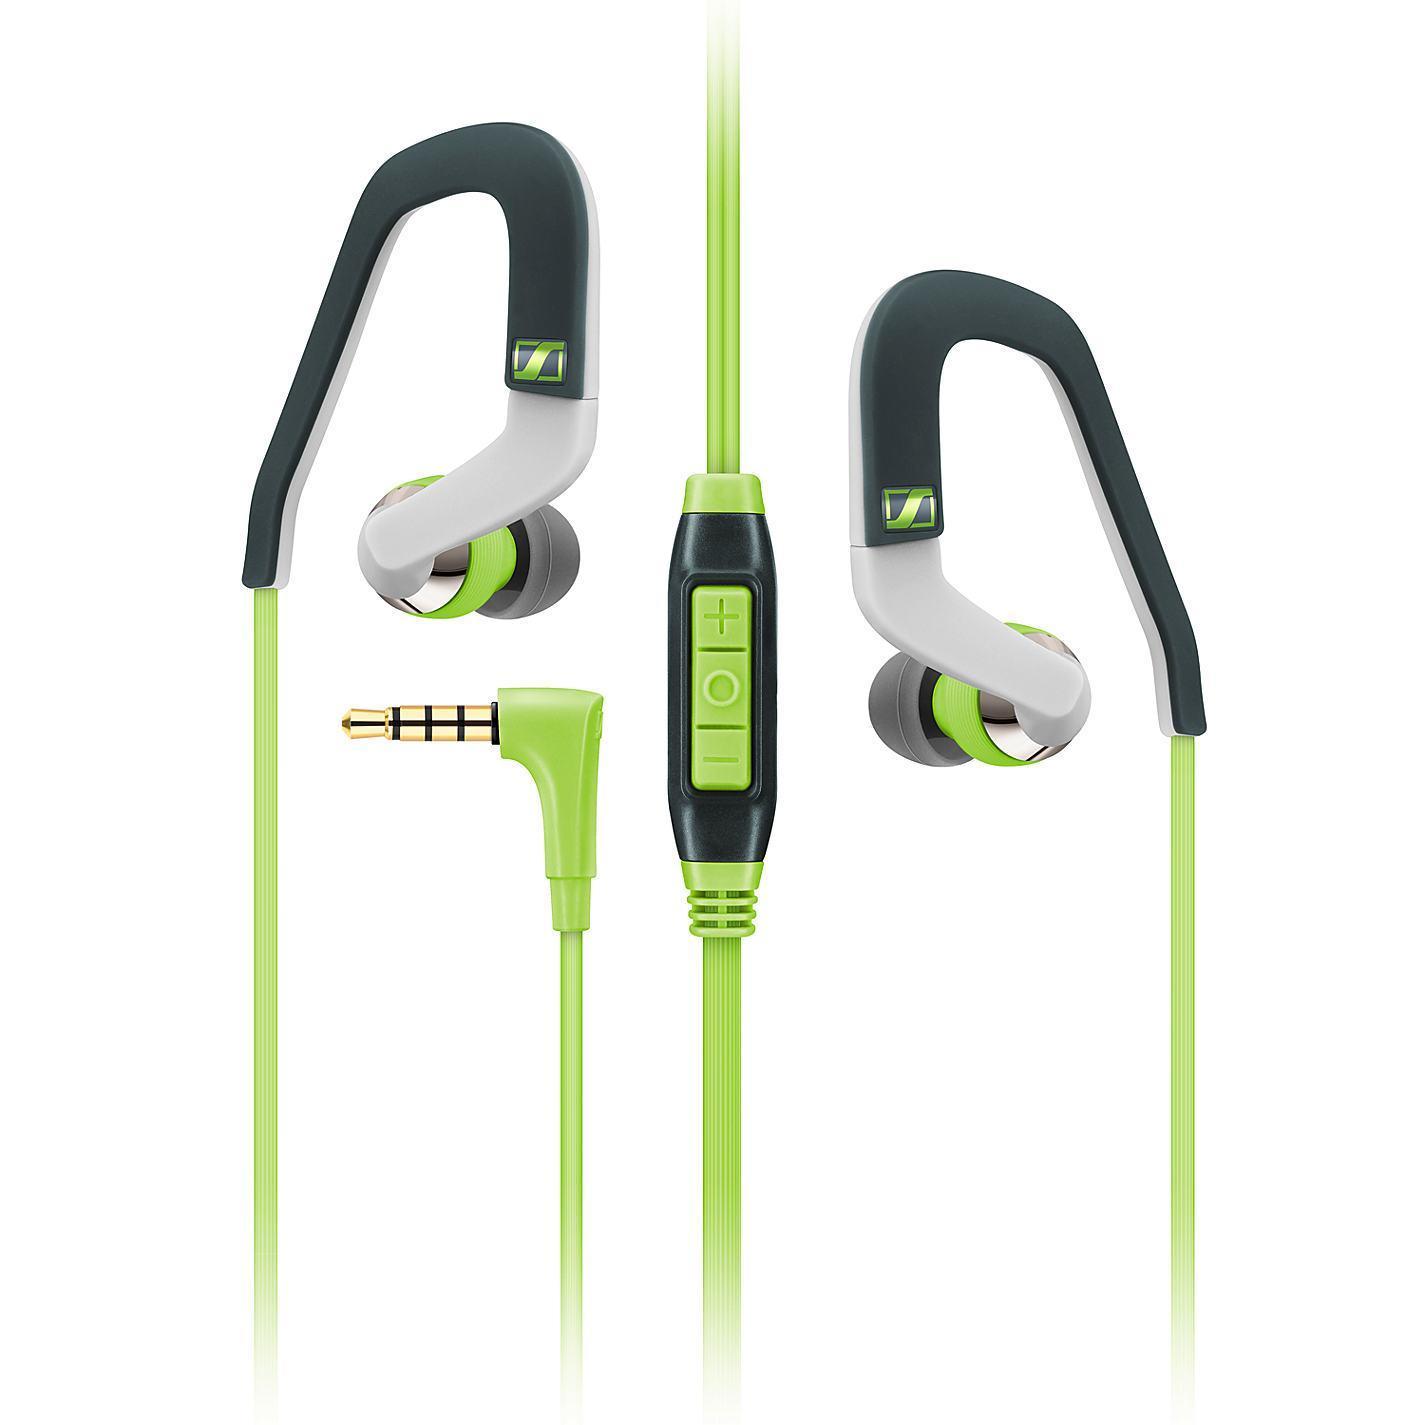 Sennheiser OCX 686G Sports, Green наушники506226Высокопроизводительные драйверы мобильных наушников Sennheiser OCX 686G SPORTS обеспечивают великолепное качество звука, а внутриканальная конструкция - защиту от окружающего шума. Легкий вес, эргономичный дизайн и гибкие заушины способствуют надежной посадке, что позволит Вам повысить интенсивность тренировки.